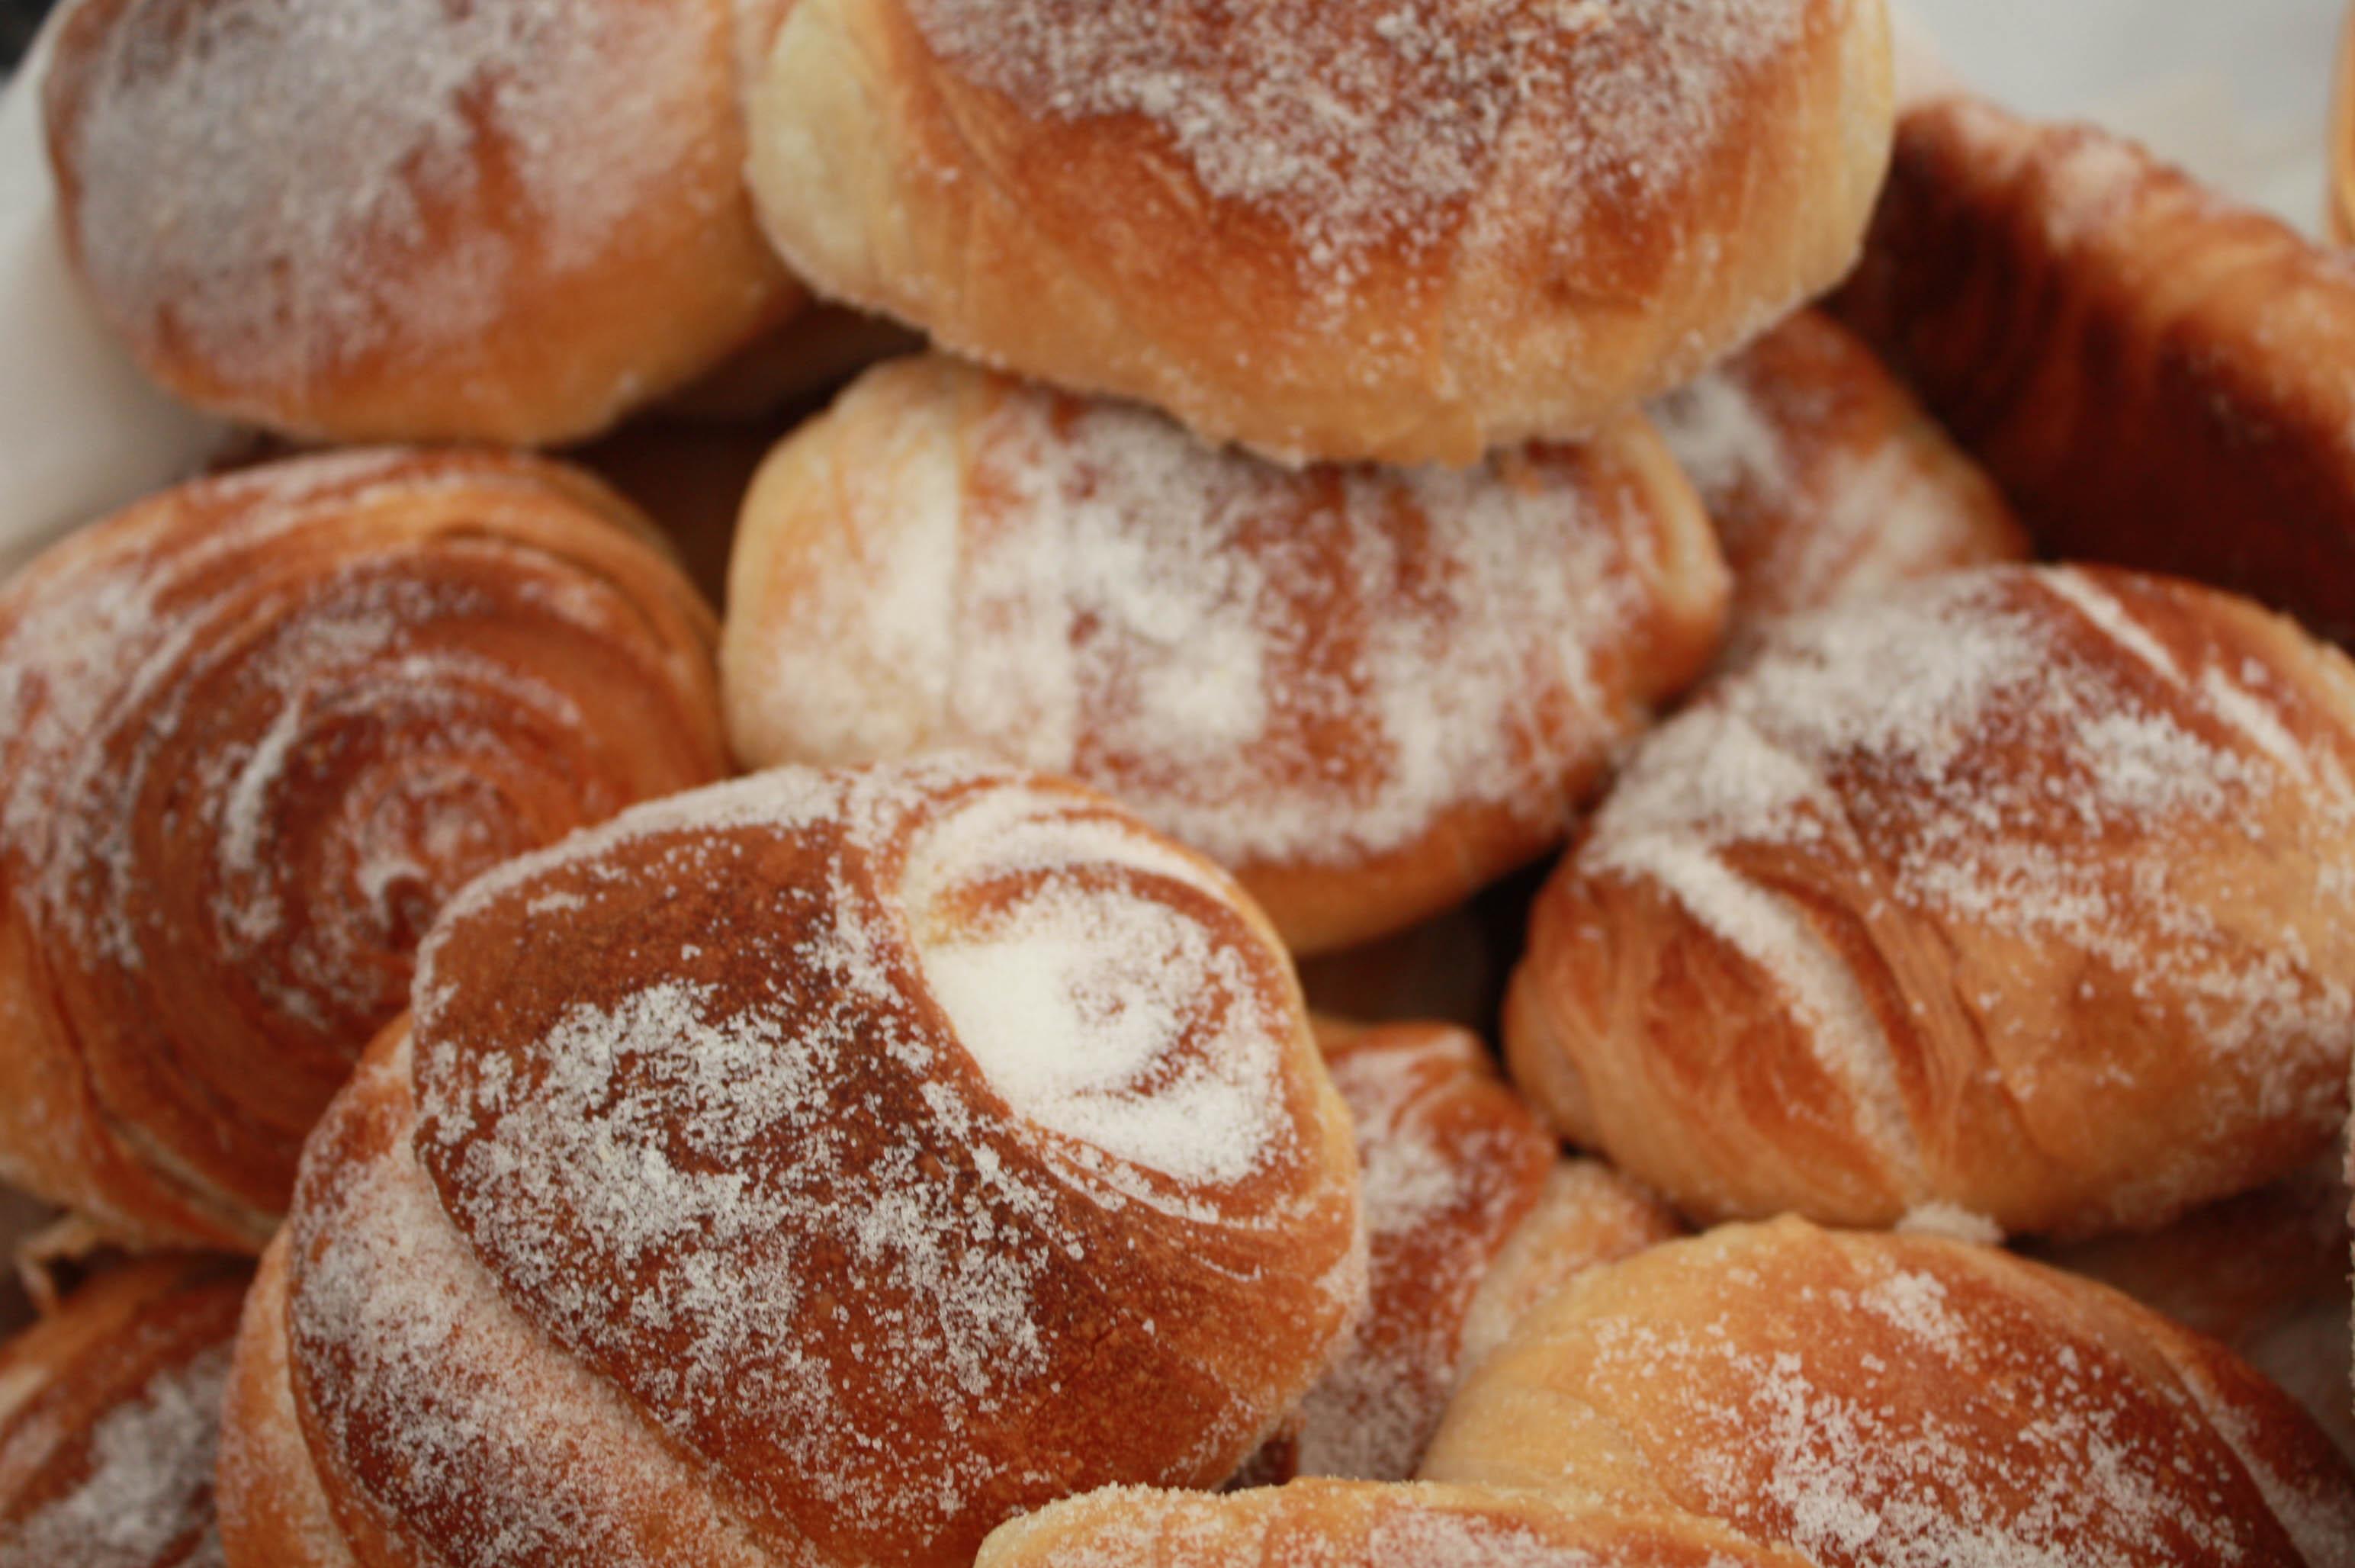 Portel, doces de portel, castelo de Portel, bolos secos, popias, biscoitos, bolhos folhados, bolo de mel